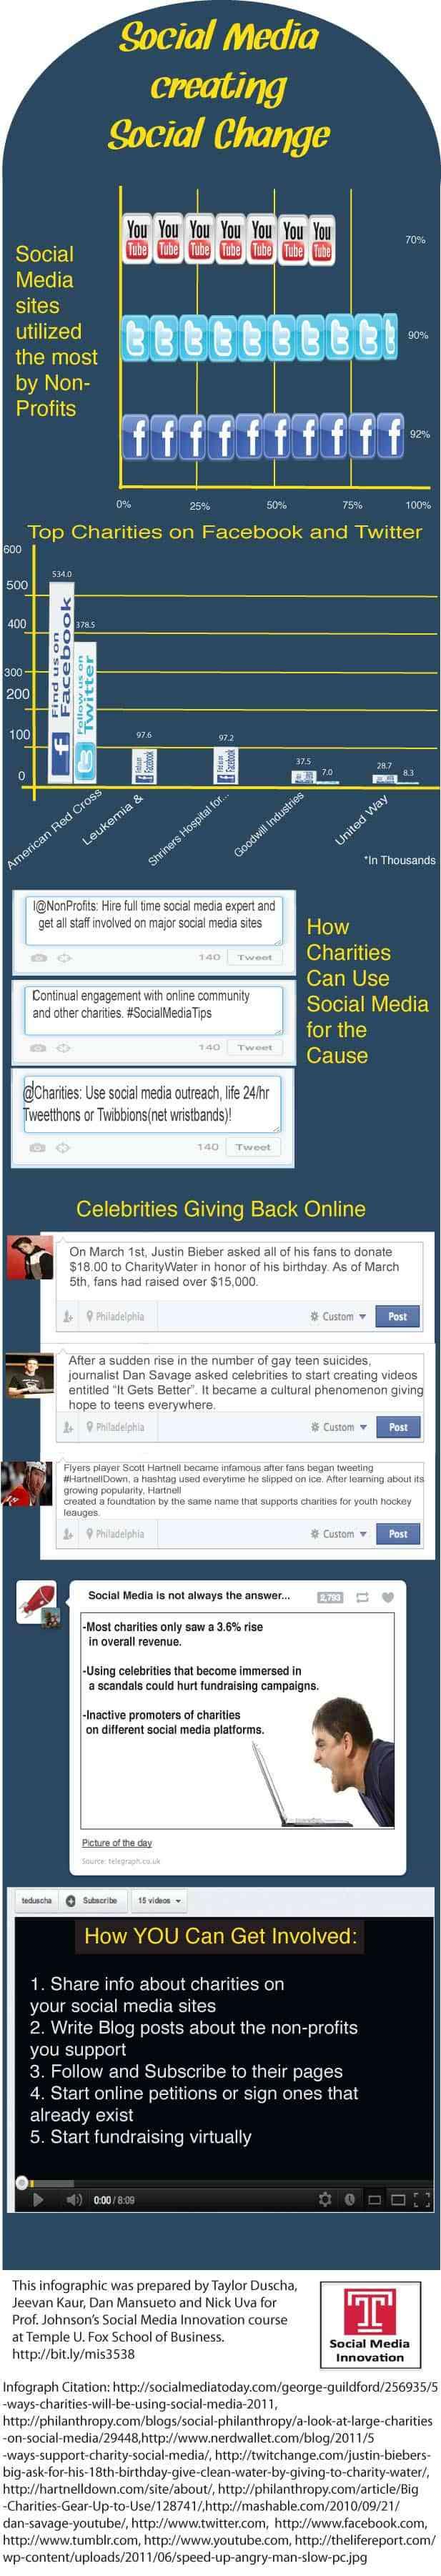 cambio social con redes sociales